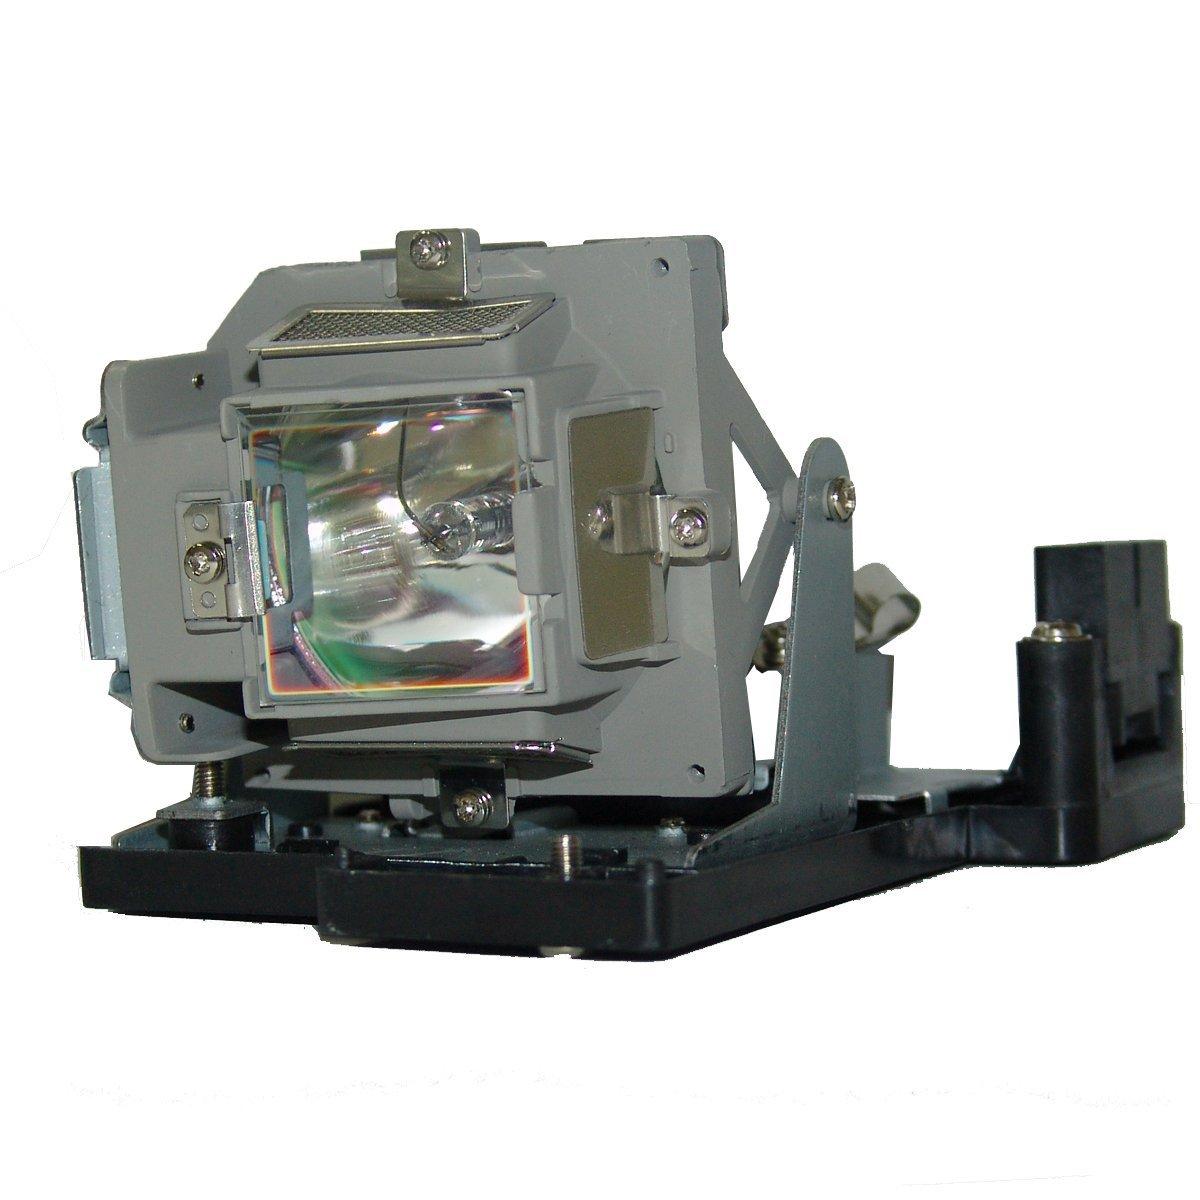 BL-FP180 C DE. 5811100256 lámpara para proyector Optoma es510 es ...